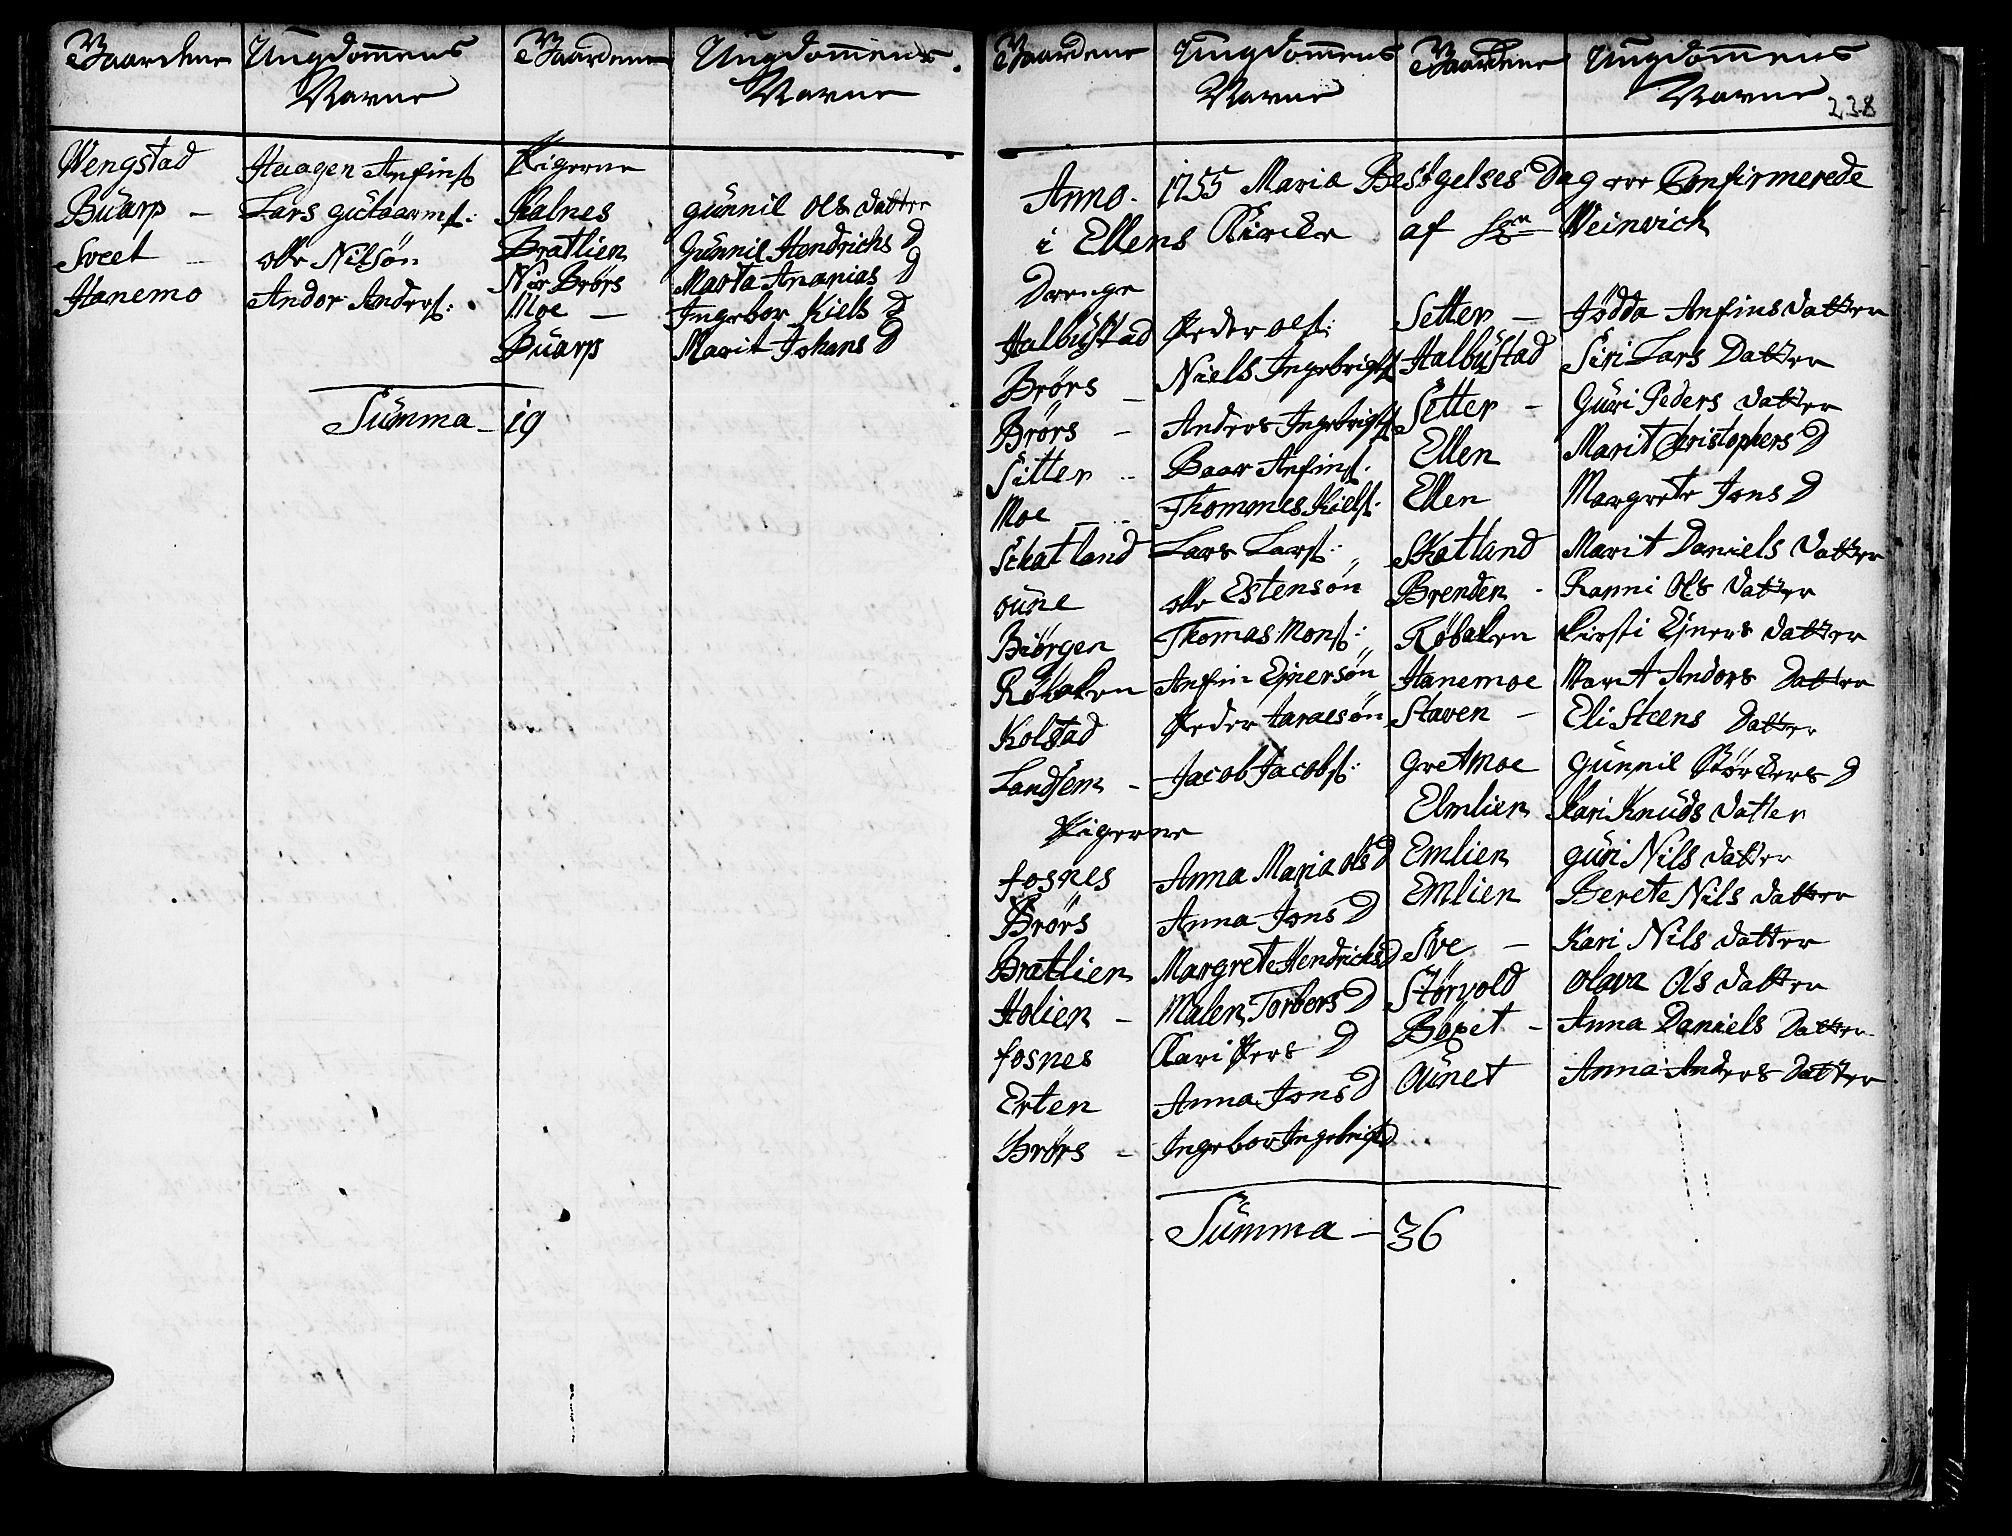 SAT, Ministerialprotokoller, klokkerbøker og fødselsregistre - Nord-Trøndelag, 741/L0385: Ministerialbok nr. 741A01, 1722-1815, s. 238